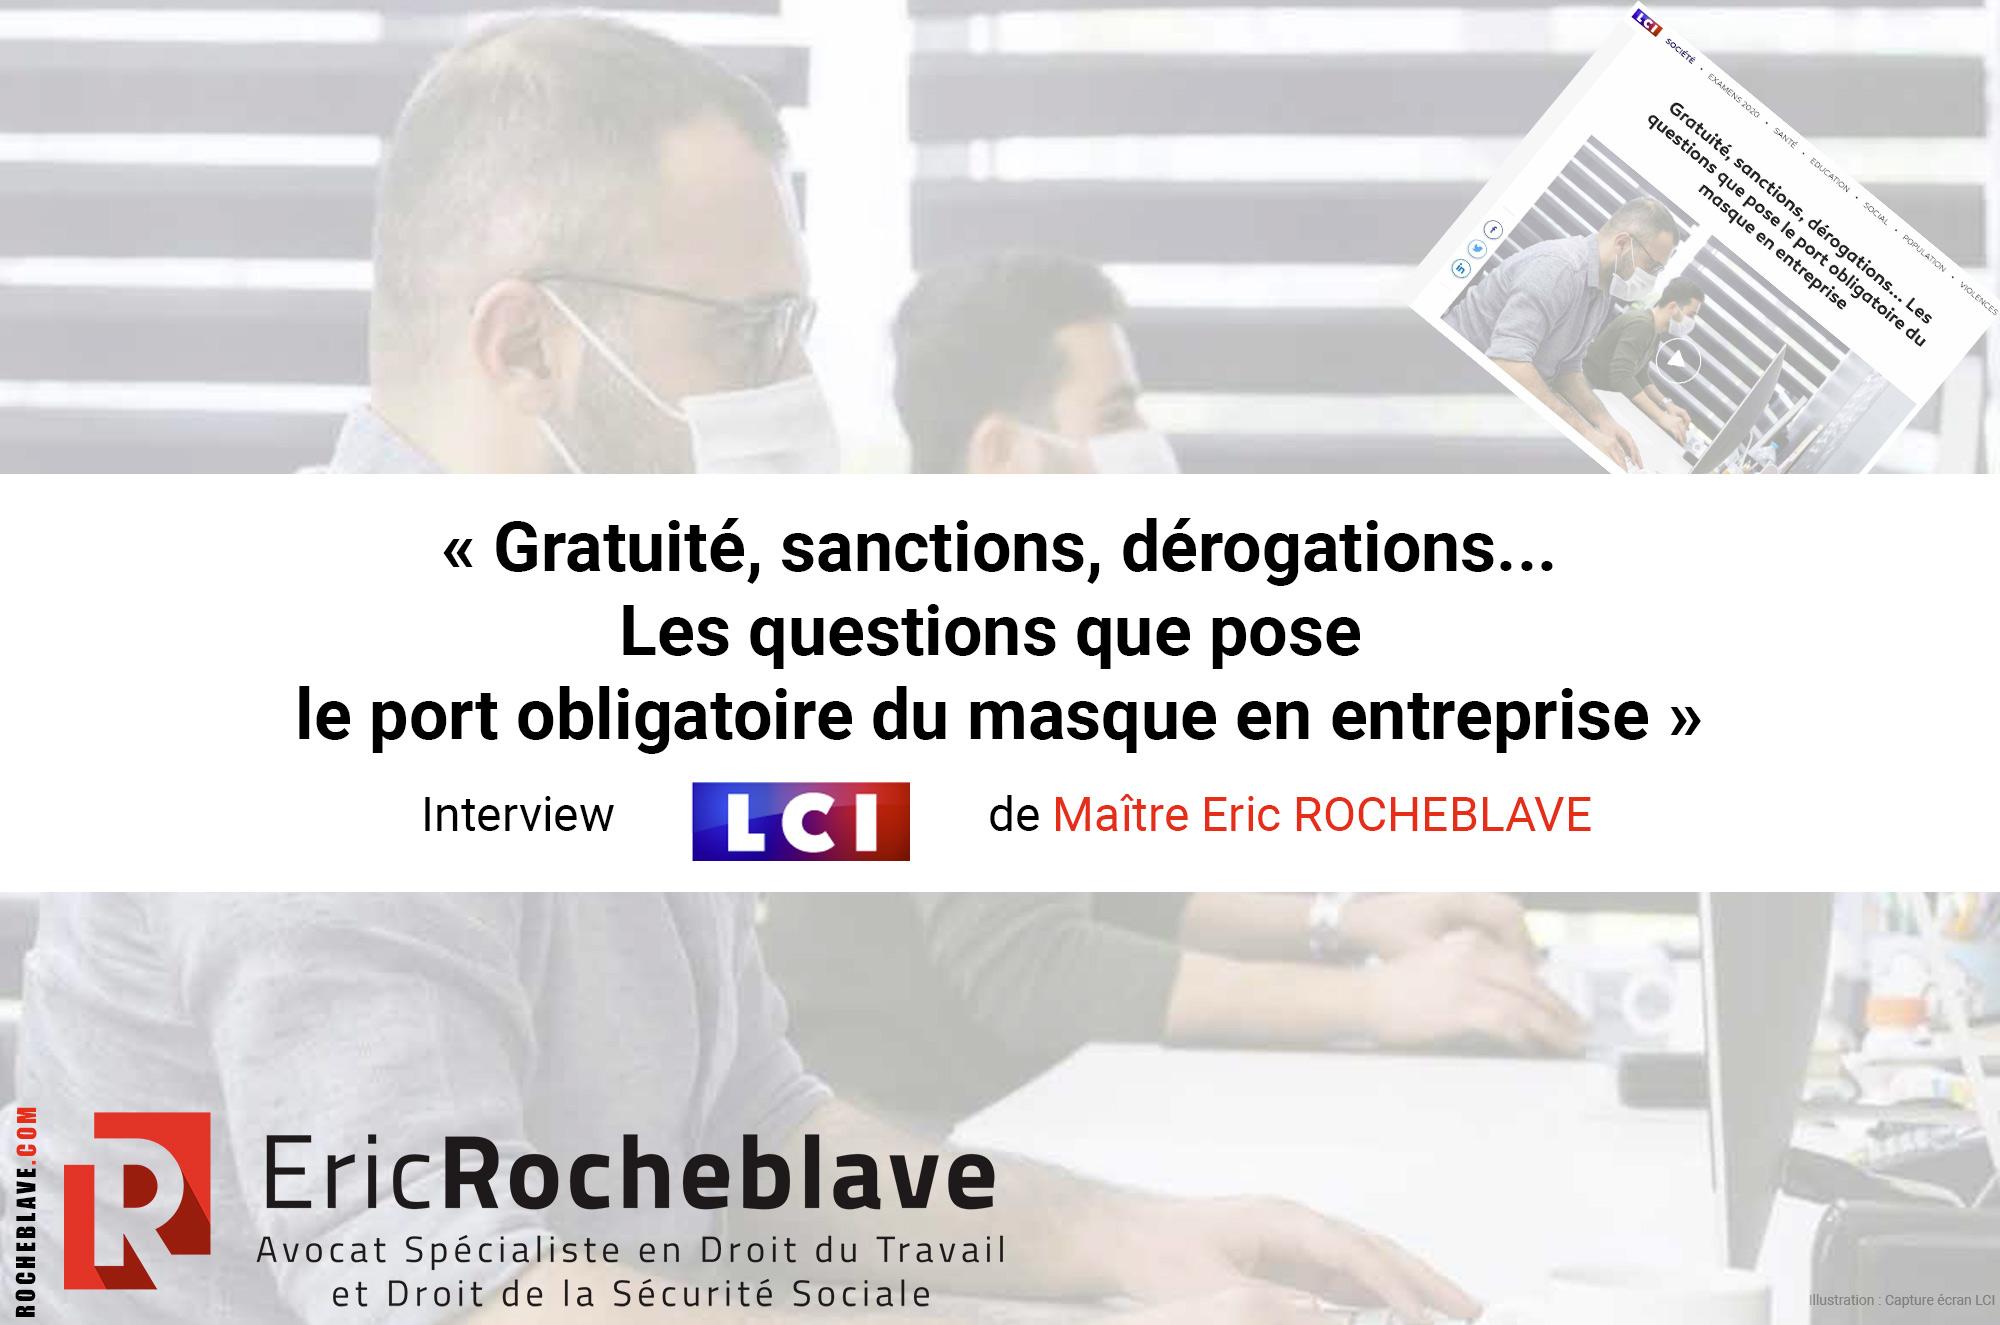 « Gratuité, sanctions, dérogations… Les questions que pose le port obligatoire du masque en entreprise » Interview LCI de Maître Eric ROCHEBLAVE